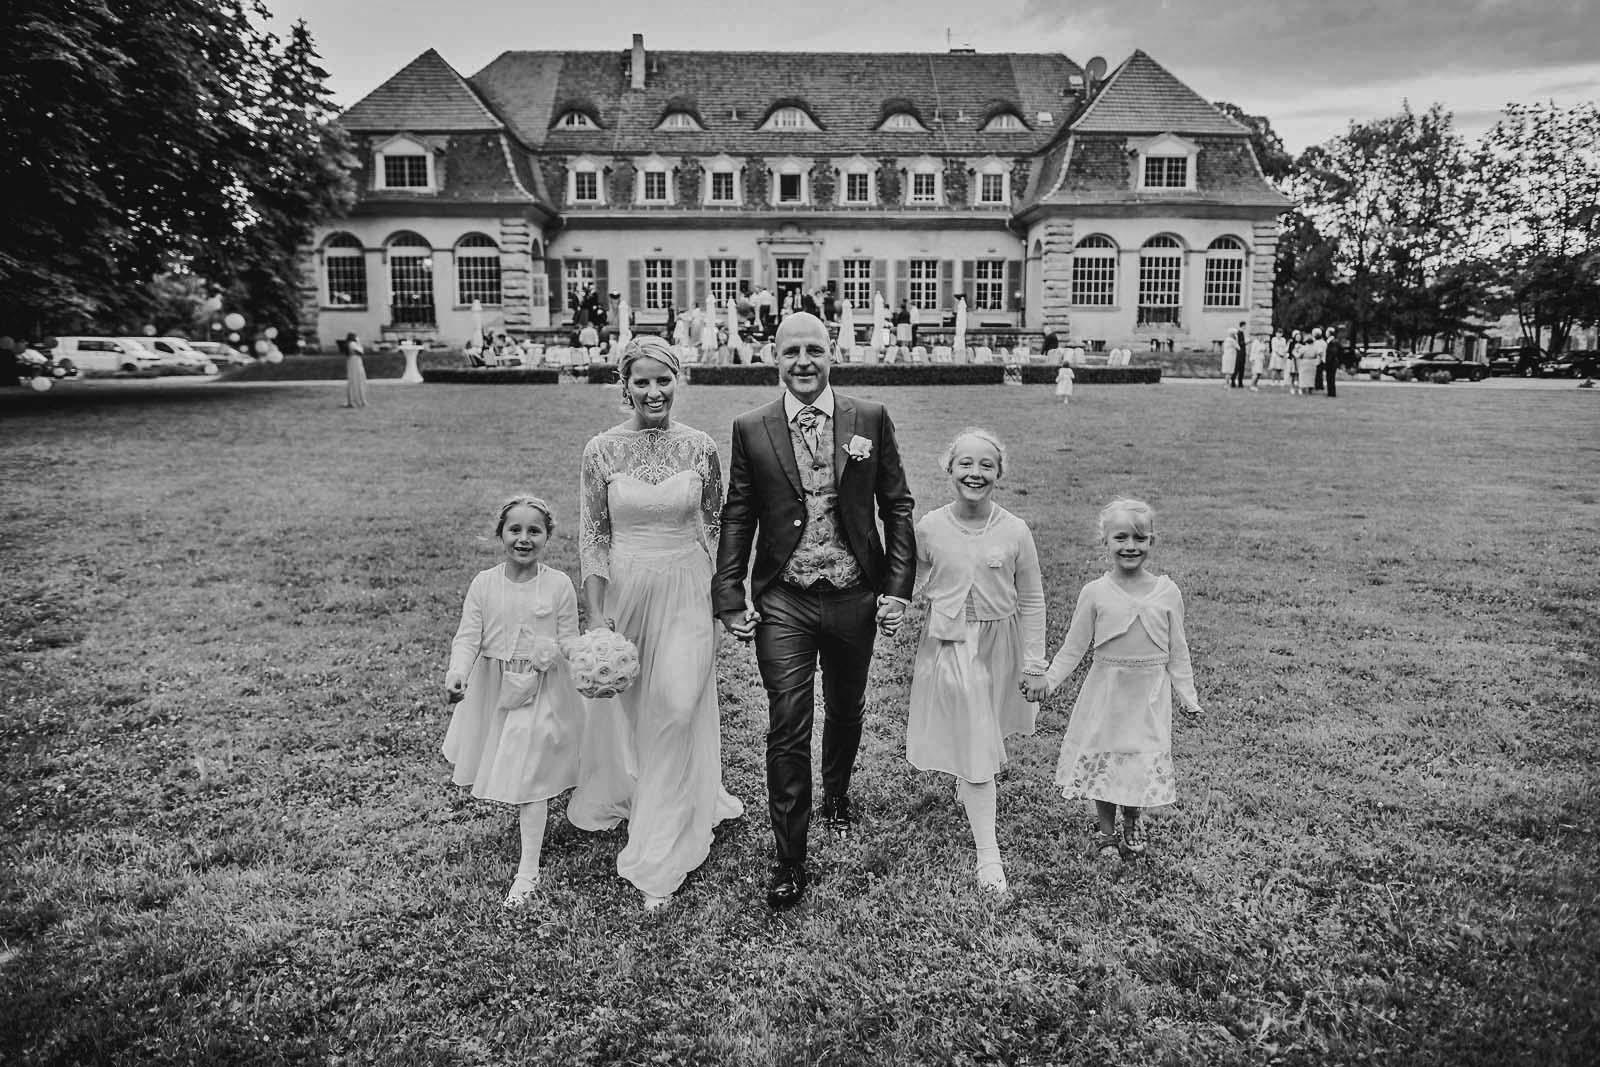 Hochzeitsfotograf Potsdam mit Brautpaar mit Kindern vor Schloss Kartzow Copyright by Hochzeitsfotograf www.berliner-hochzeitsfotografie.de